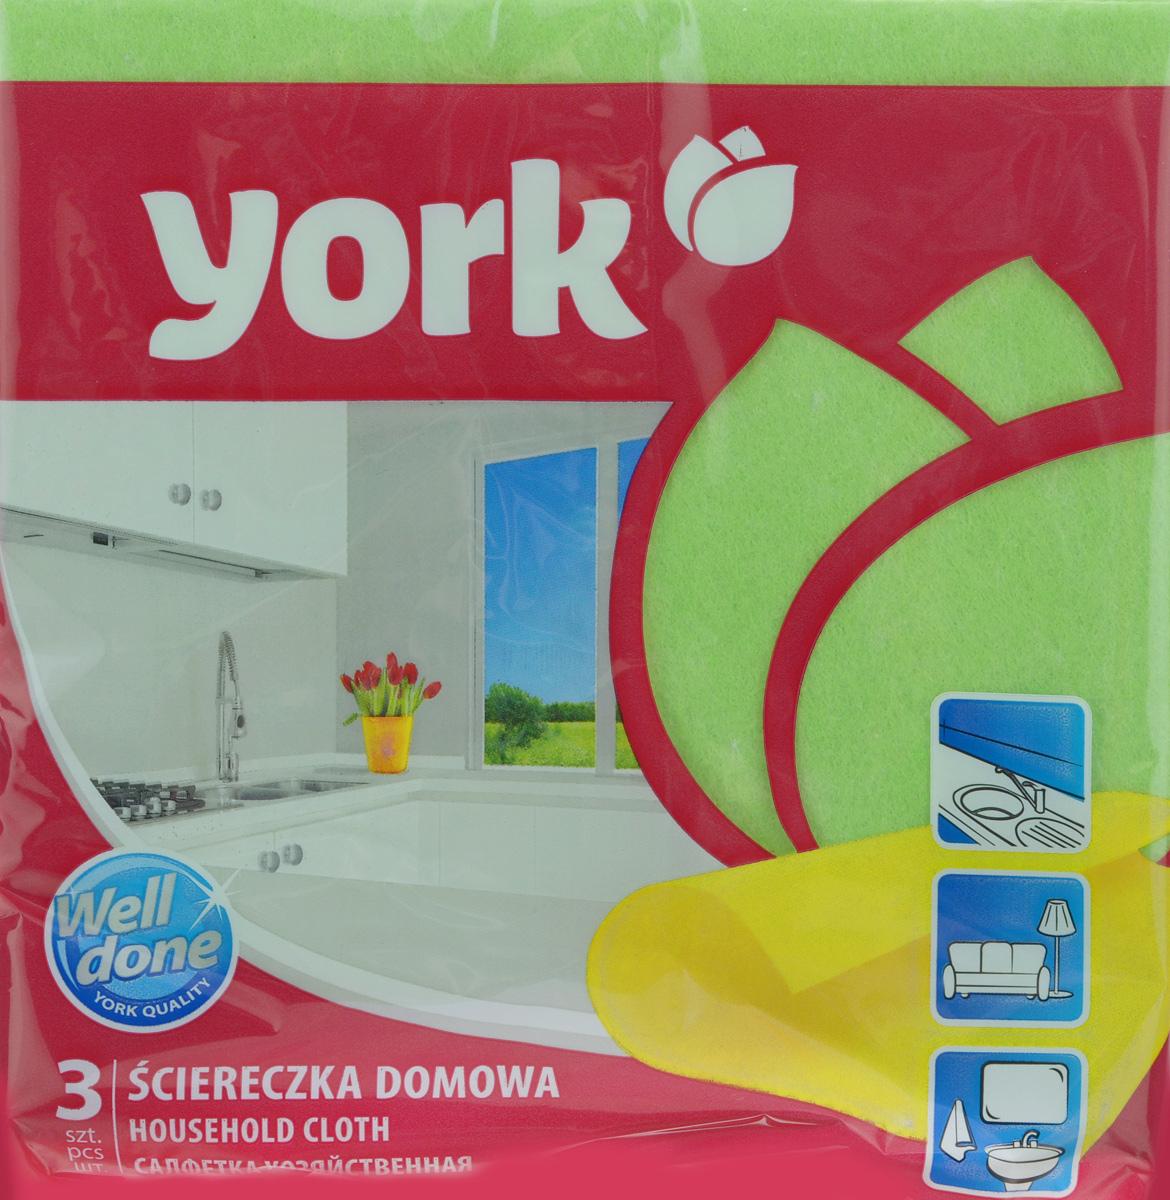 Салфетка хозяйственная York, цвет: зеленый, 35 см х 35 см, 3 шт2001_зеленыйСалфетка York, изготовленная из полипропиленового волокна и вискозы, предназначена для очищения загрязнений на любых поверхностях. Изделие обладает высокой износоустойчивостью и рассчитано на многократное использование, легко моется в теплой воде с мягкими чистящими средствами. Салфетка не оставляет разводов и ворсинок, удаляет большинство жирных и маслянистых загрязнений без использования химических средств.